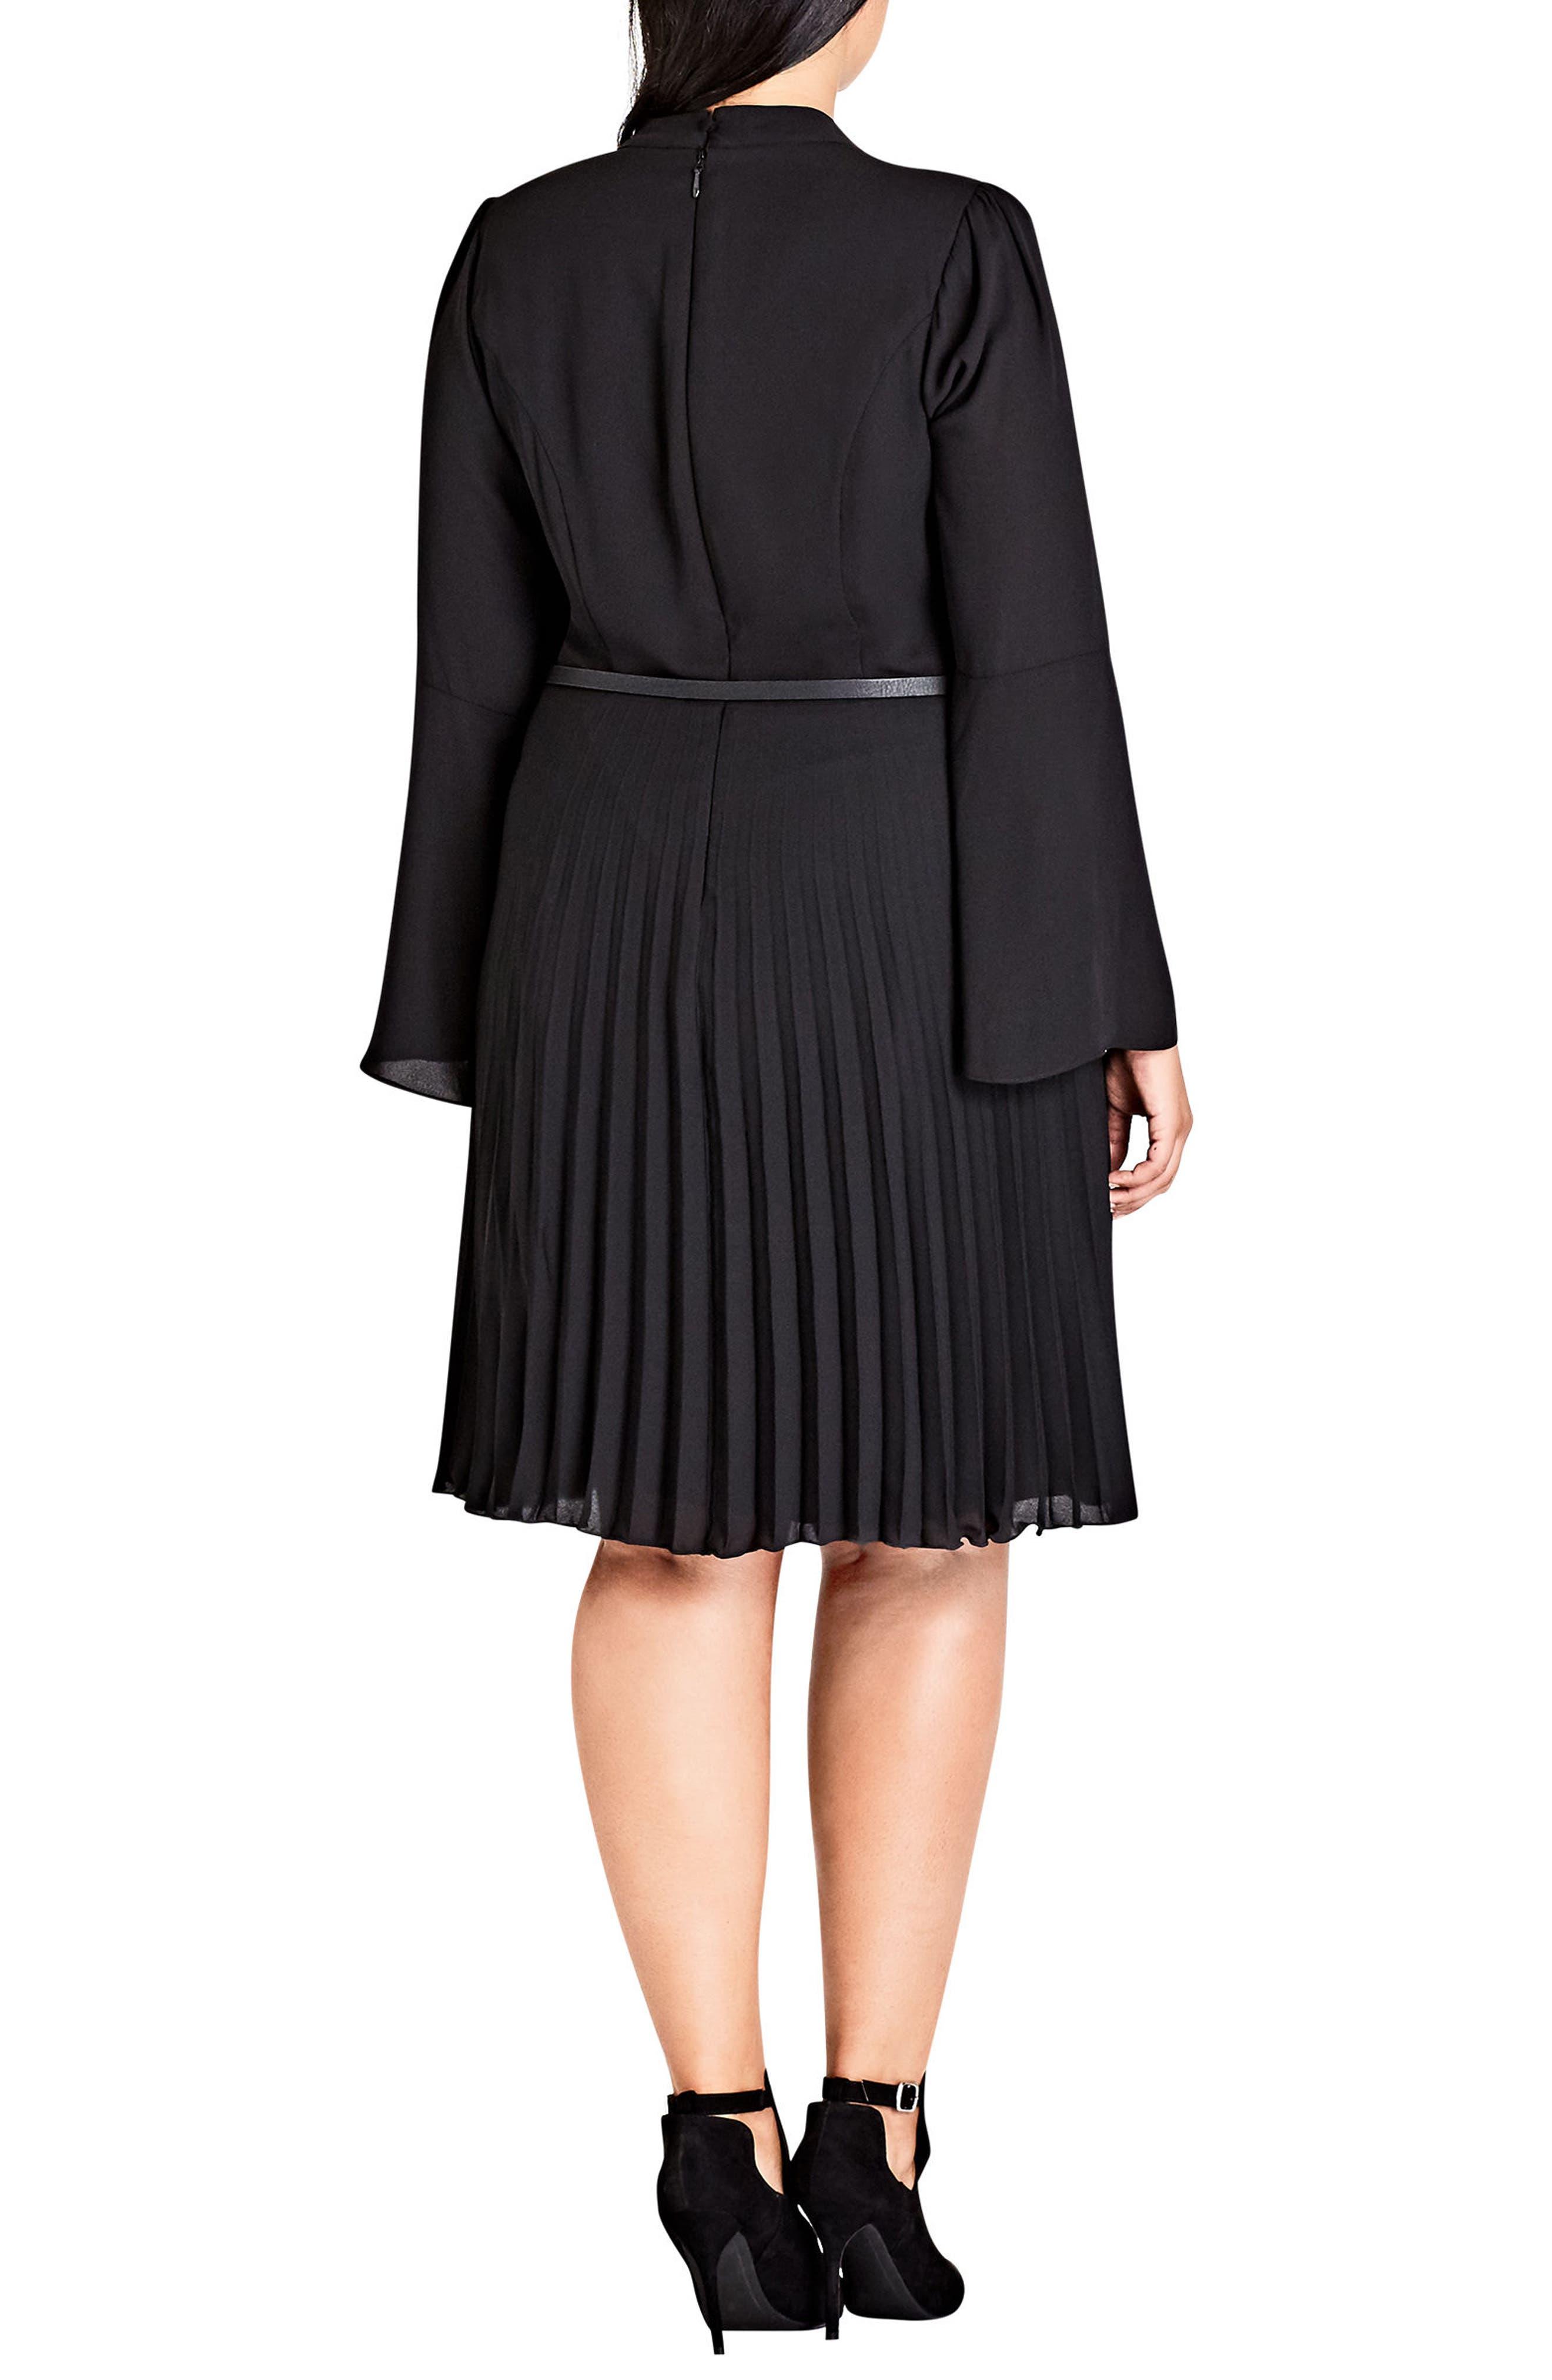 Praise Me Bell Sleeve Choker Neck Dress,                             Alternate thumbnail 2, color,